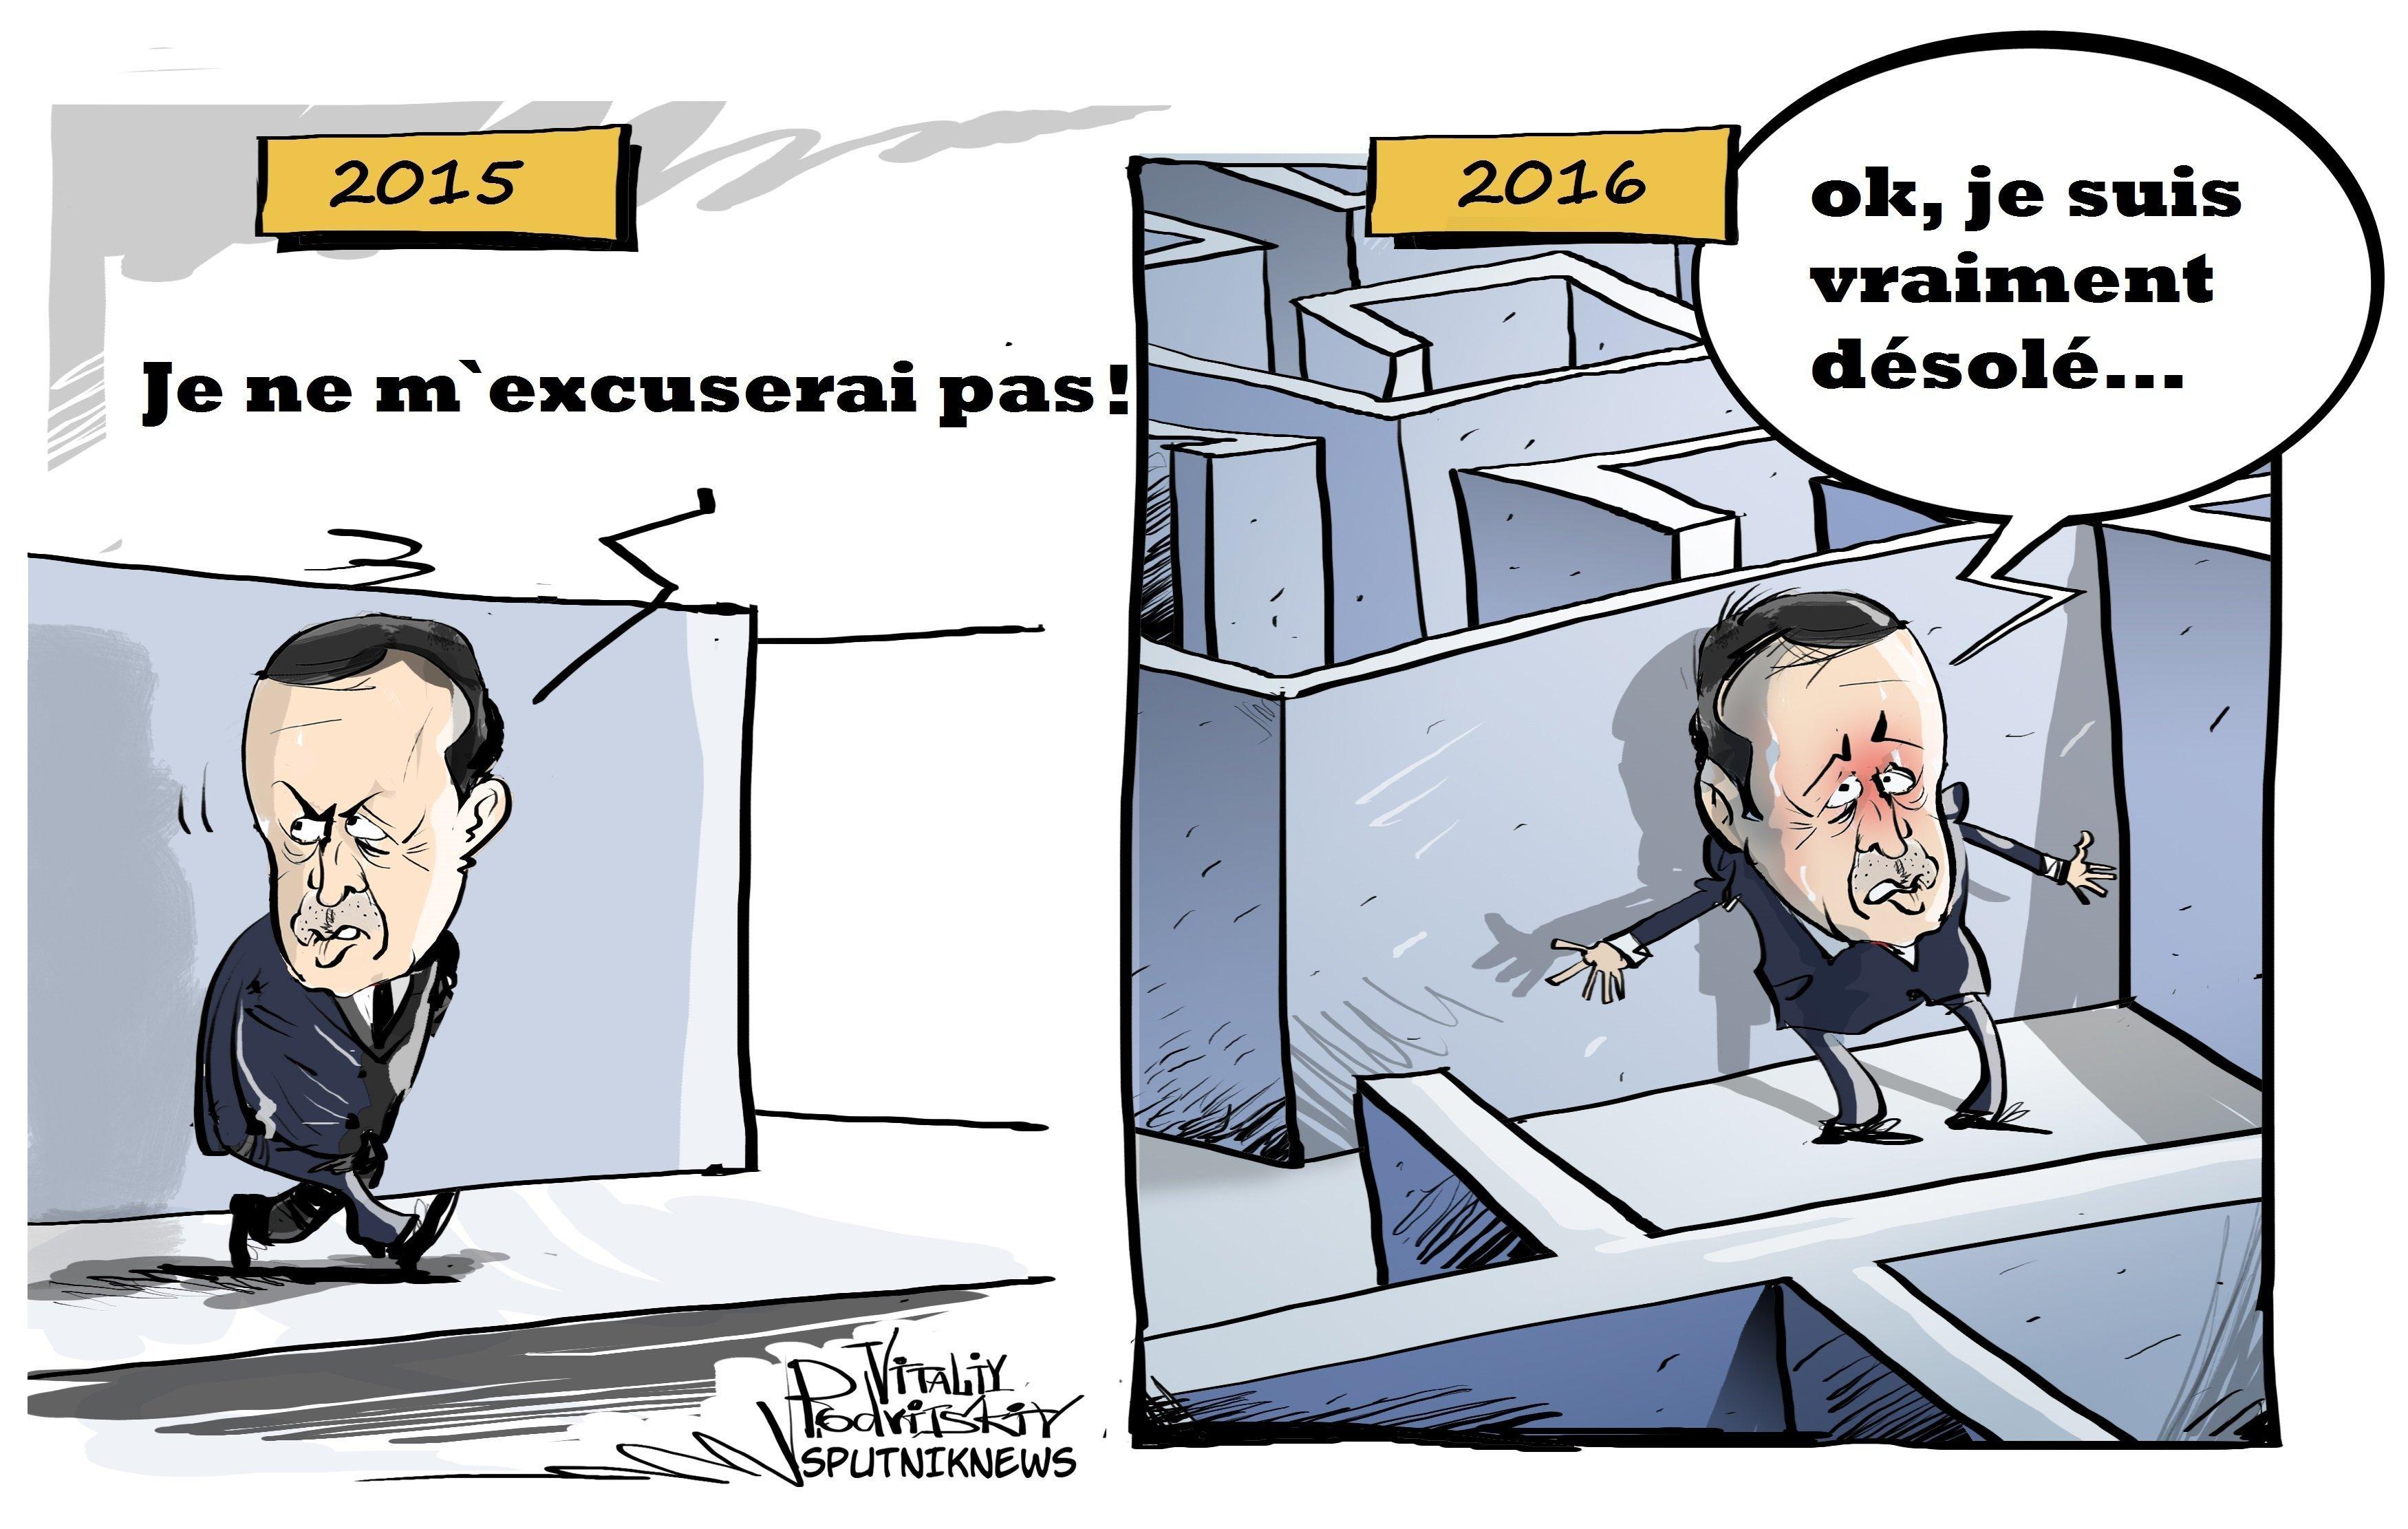 Un chemin épineux vers les excuses du président Erdogan